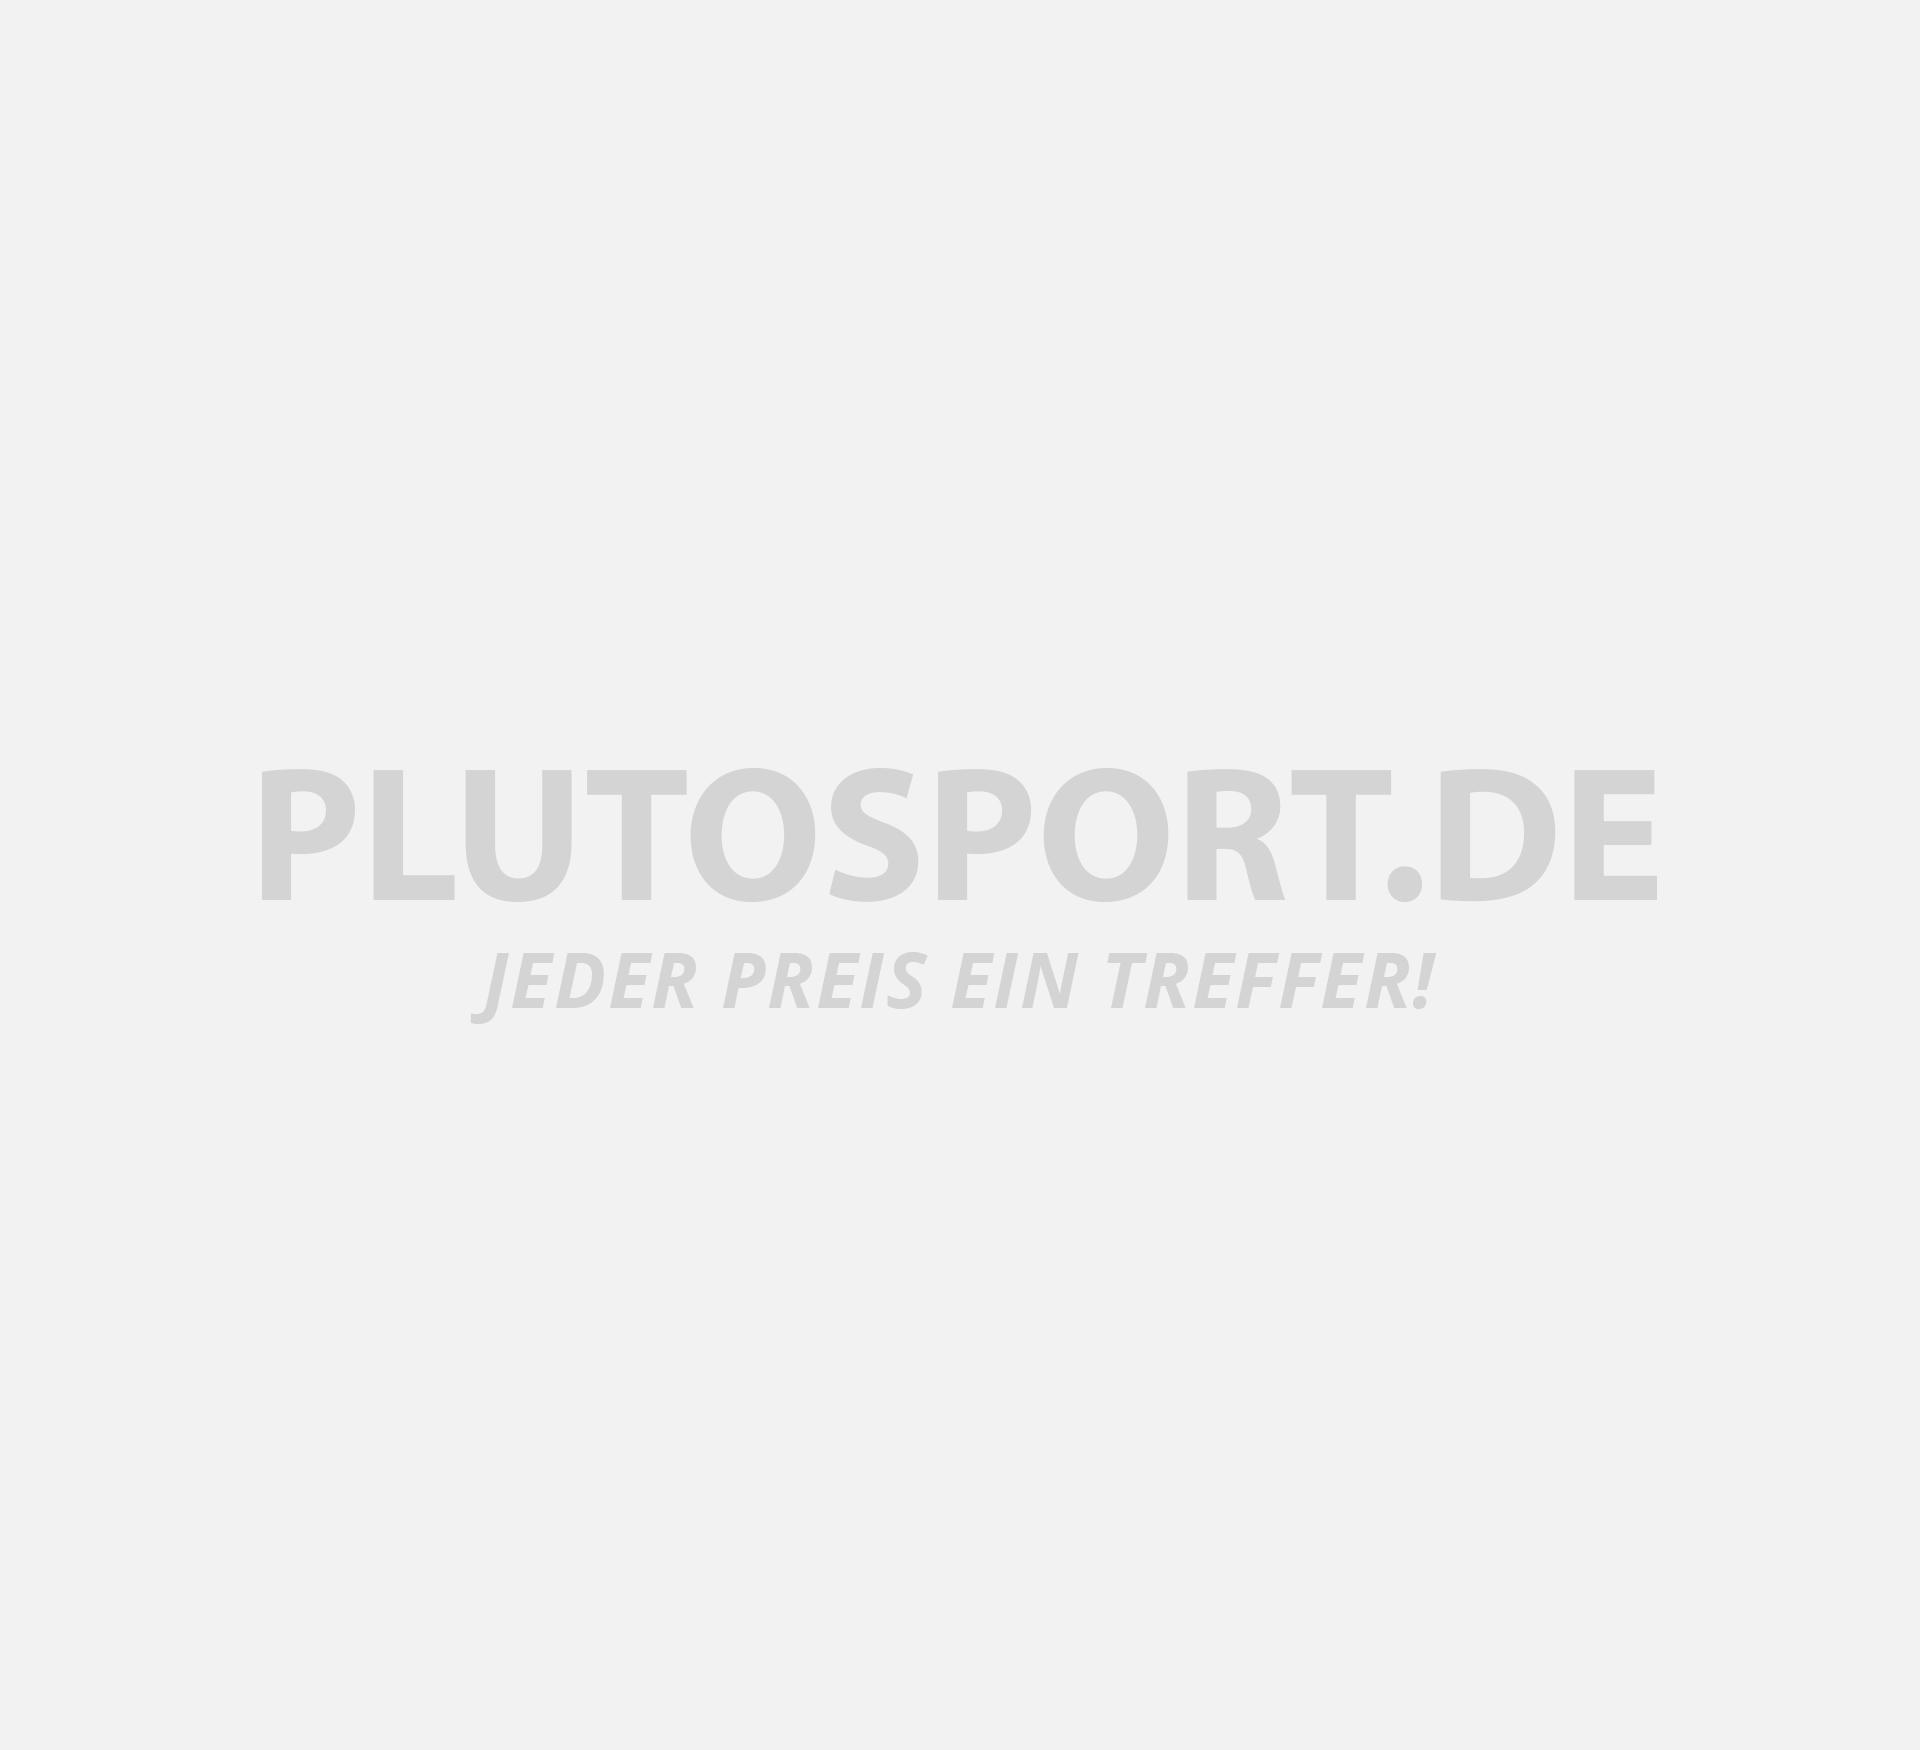 Adidas Sport ID Branded Tee